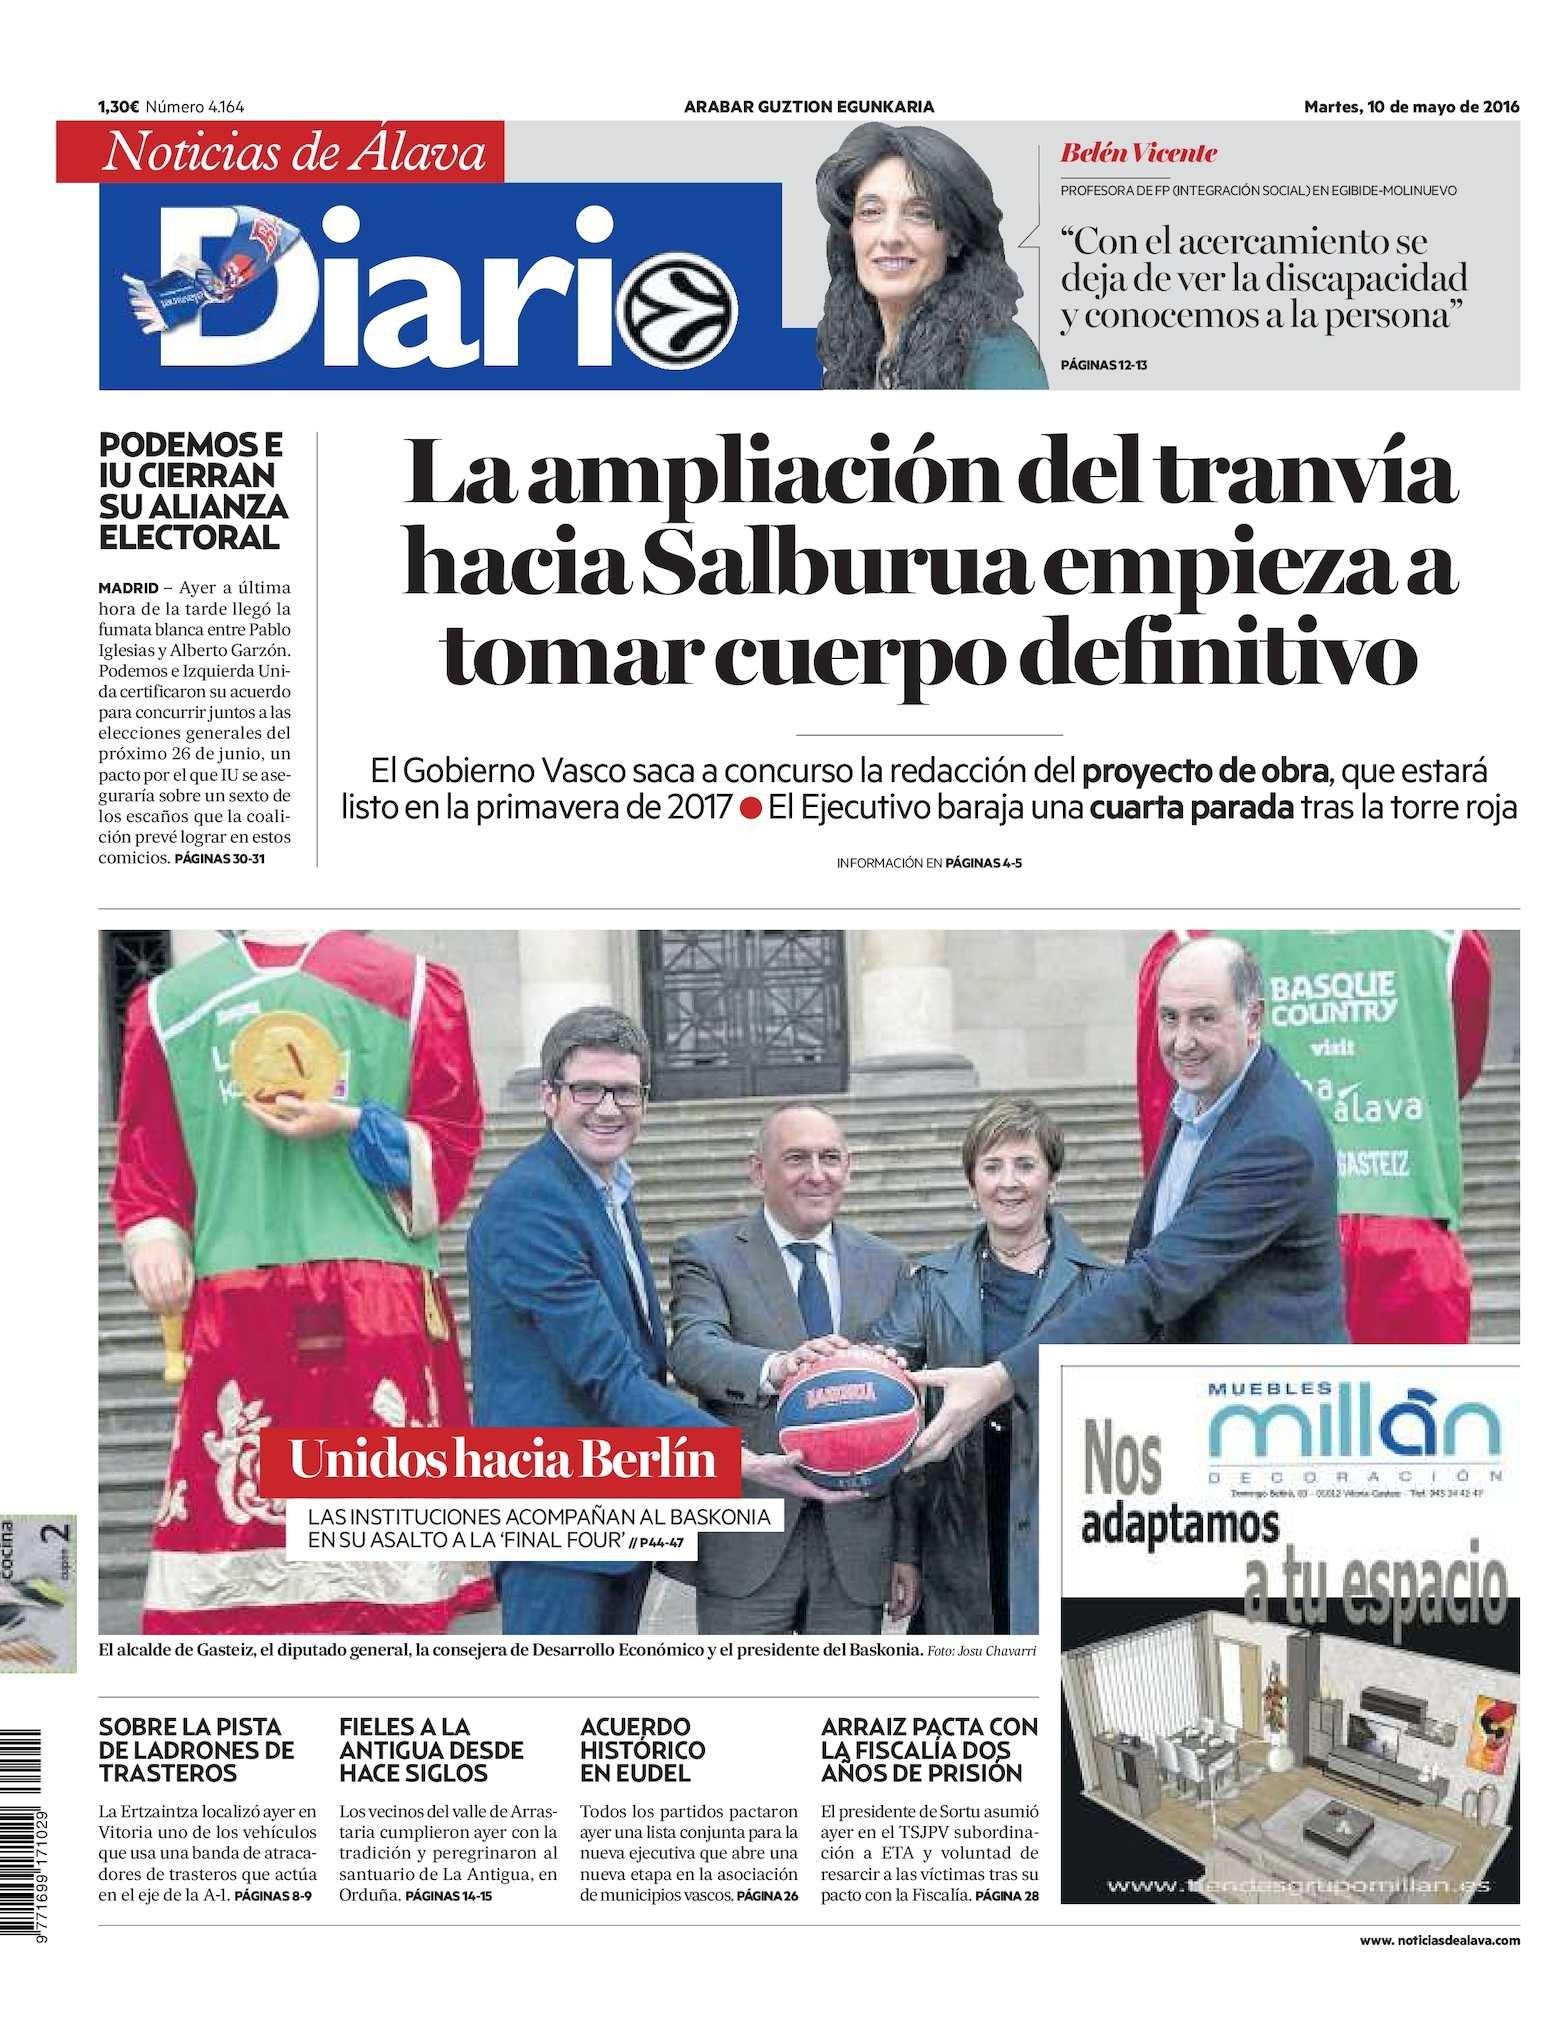 Calendario Laboral De asturias 2019 Más Recientes Calaméo Diario De Noticias De lava